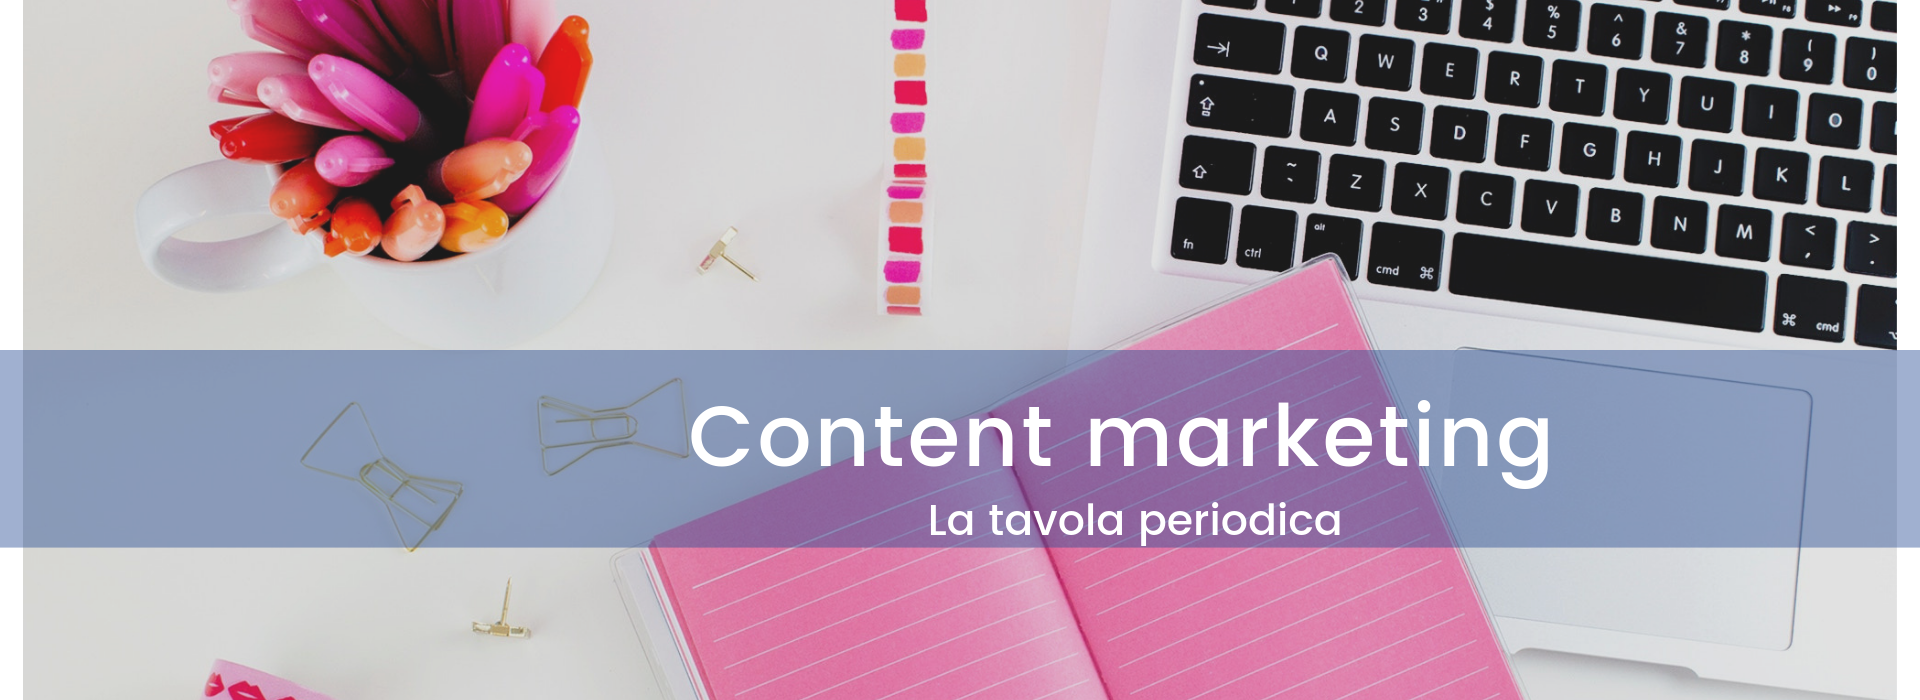 La tavola periodica del content marketing sara ferrario - Quali sono i metalli nella tavola periodica ...